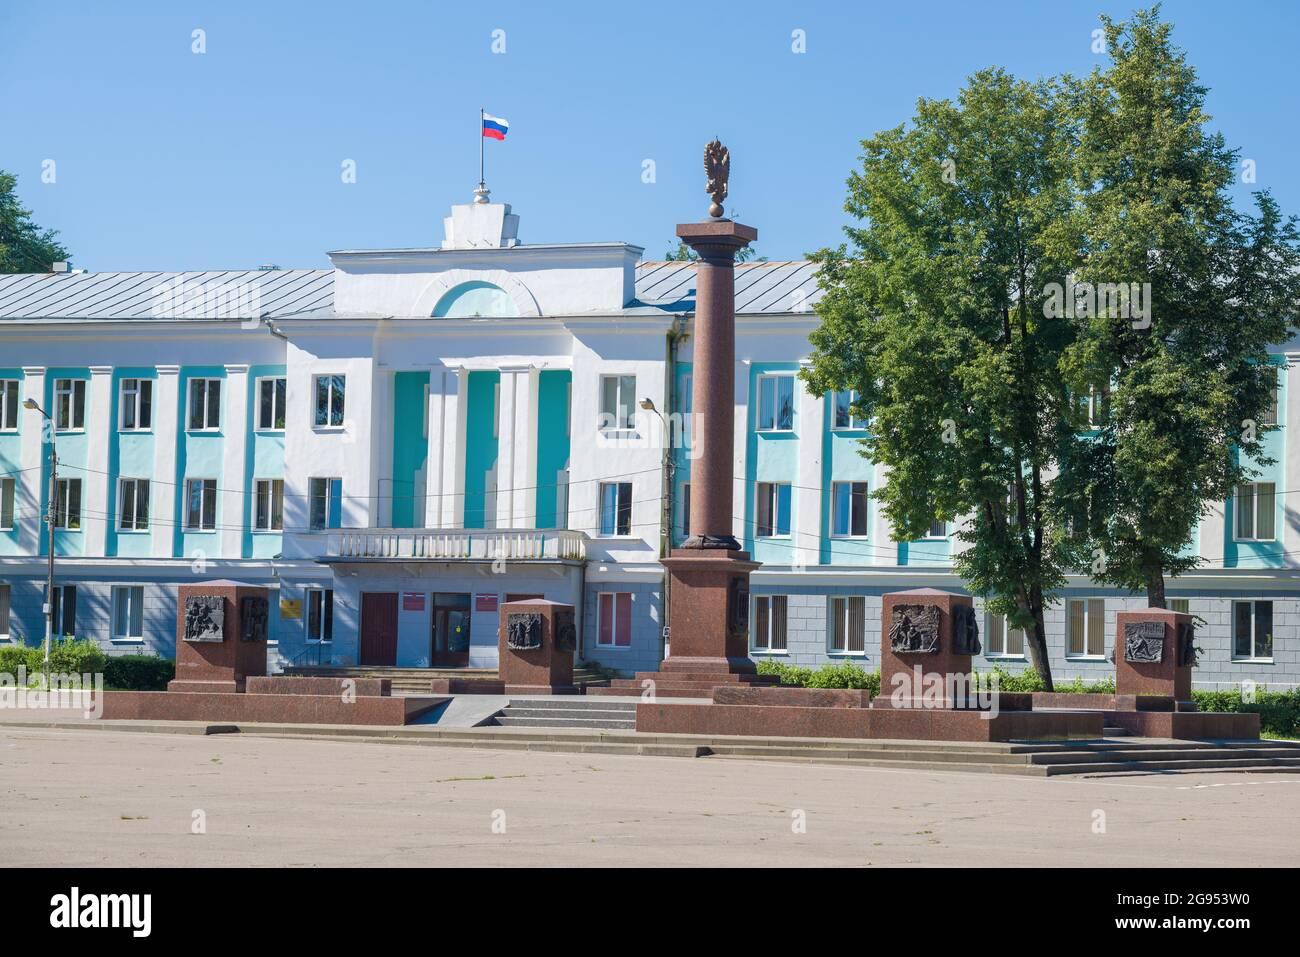 VELIKIE LUKI, RUSSIE - 04 JUILLET 2021 : monument « ville de gloire militaire » sur fond de bâtiment administratif de la ville sur un mois de juillet ensoleillé Banque D'Images